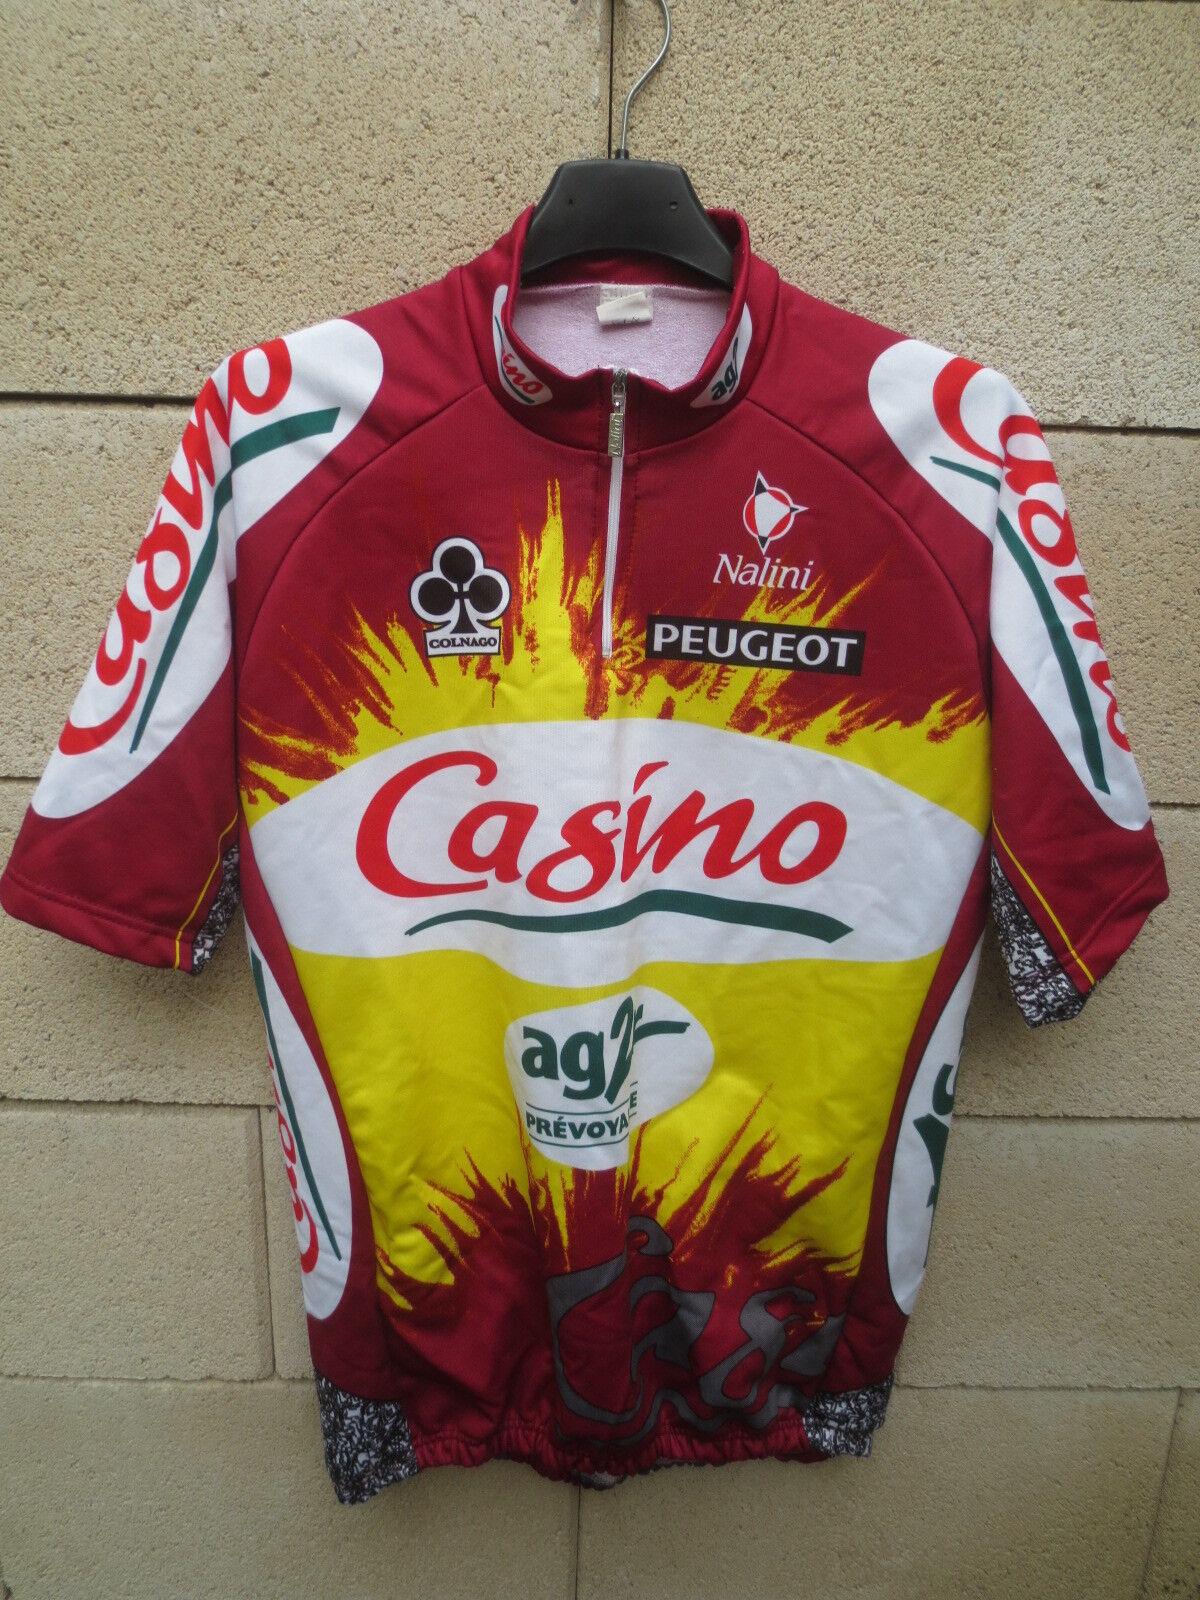 Maillot cycliste CASINO AG2R Tour de France 1998 COLNAGO COLNAGO COLNAGO maglia shirt trikot XL ca3178